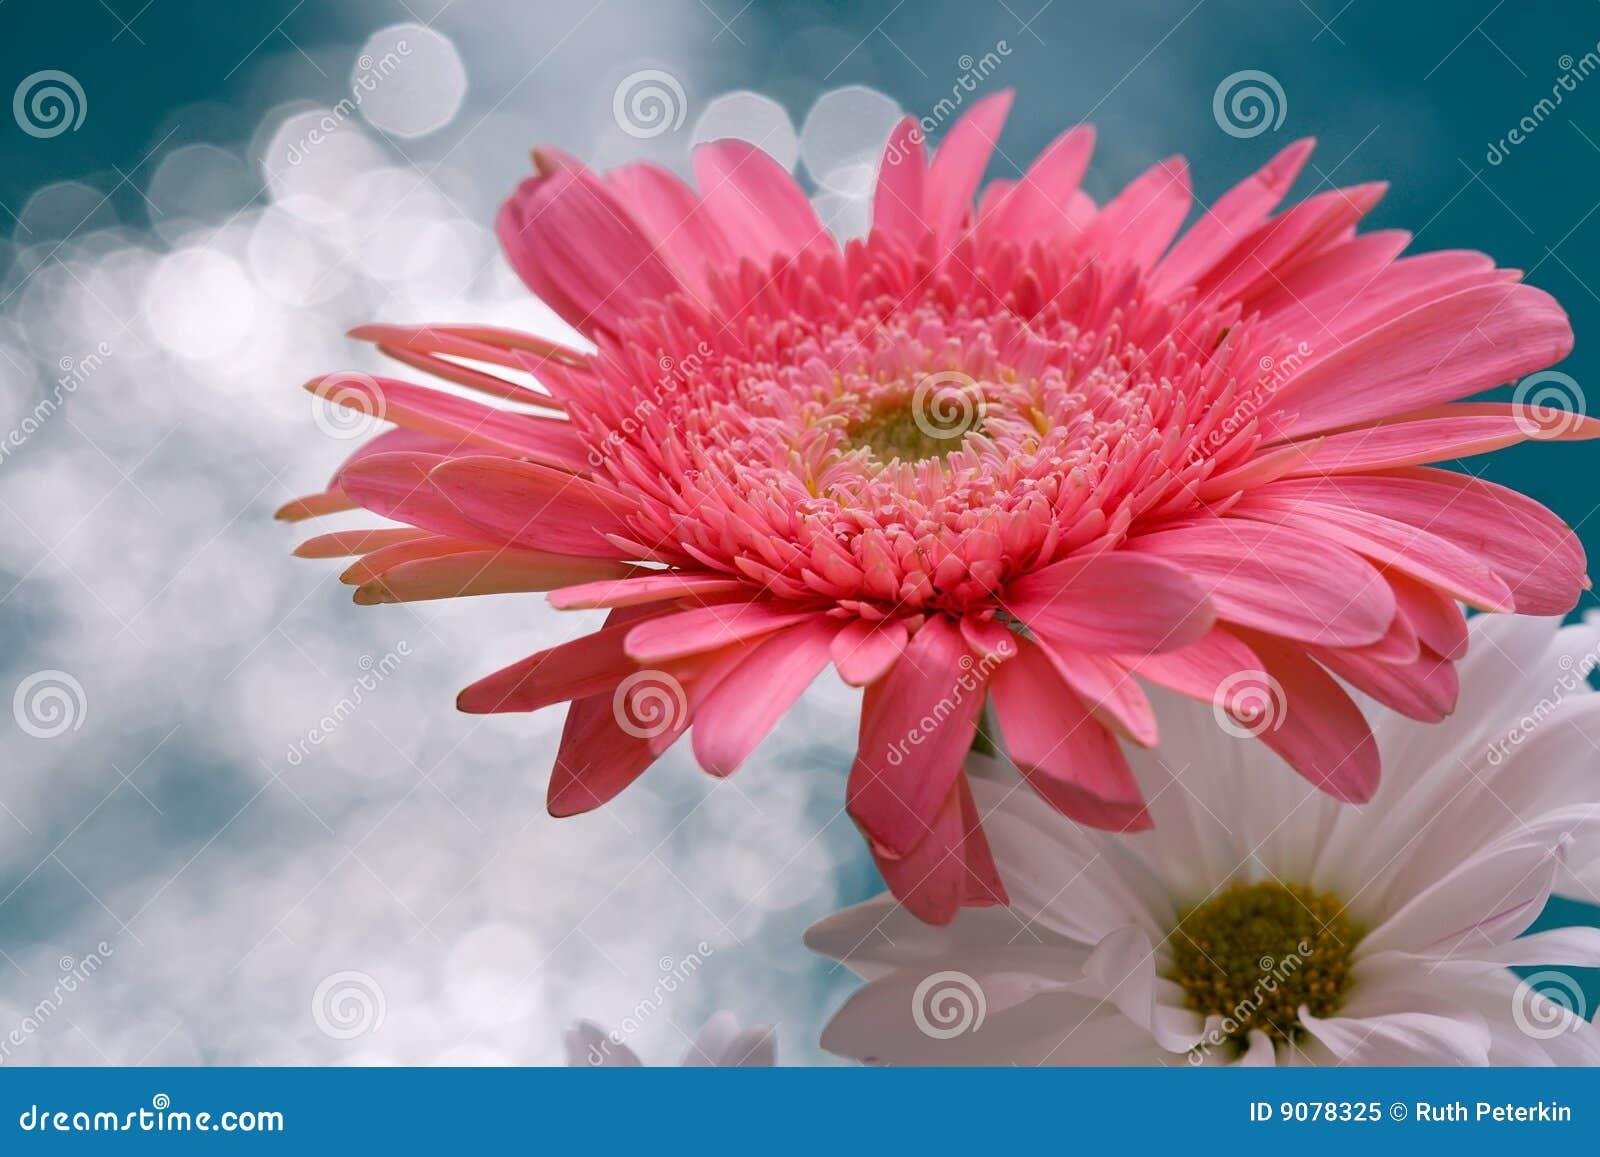 Rosafarbene und weiße Gänseblümchen